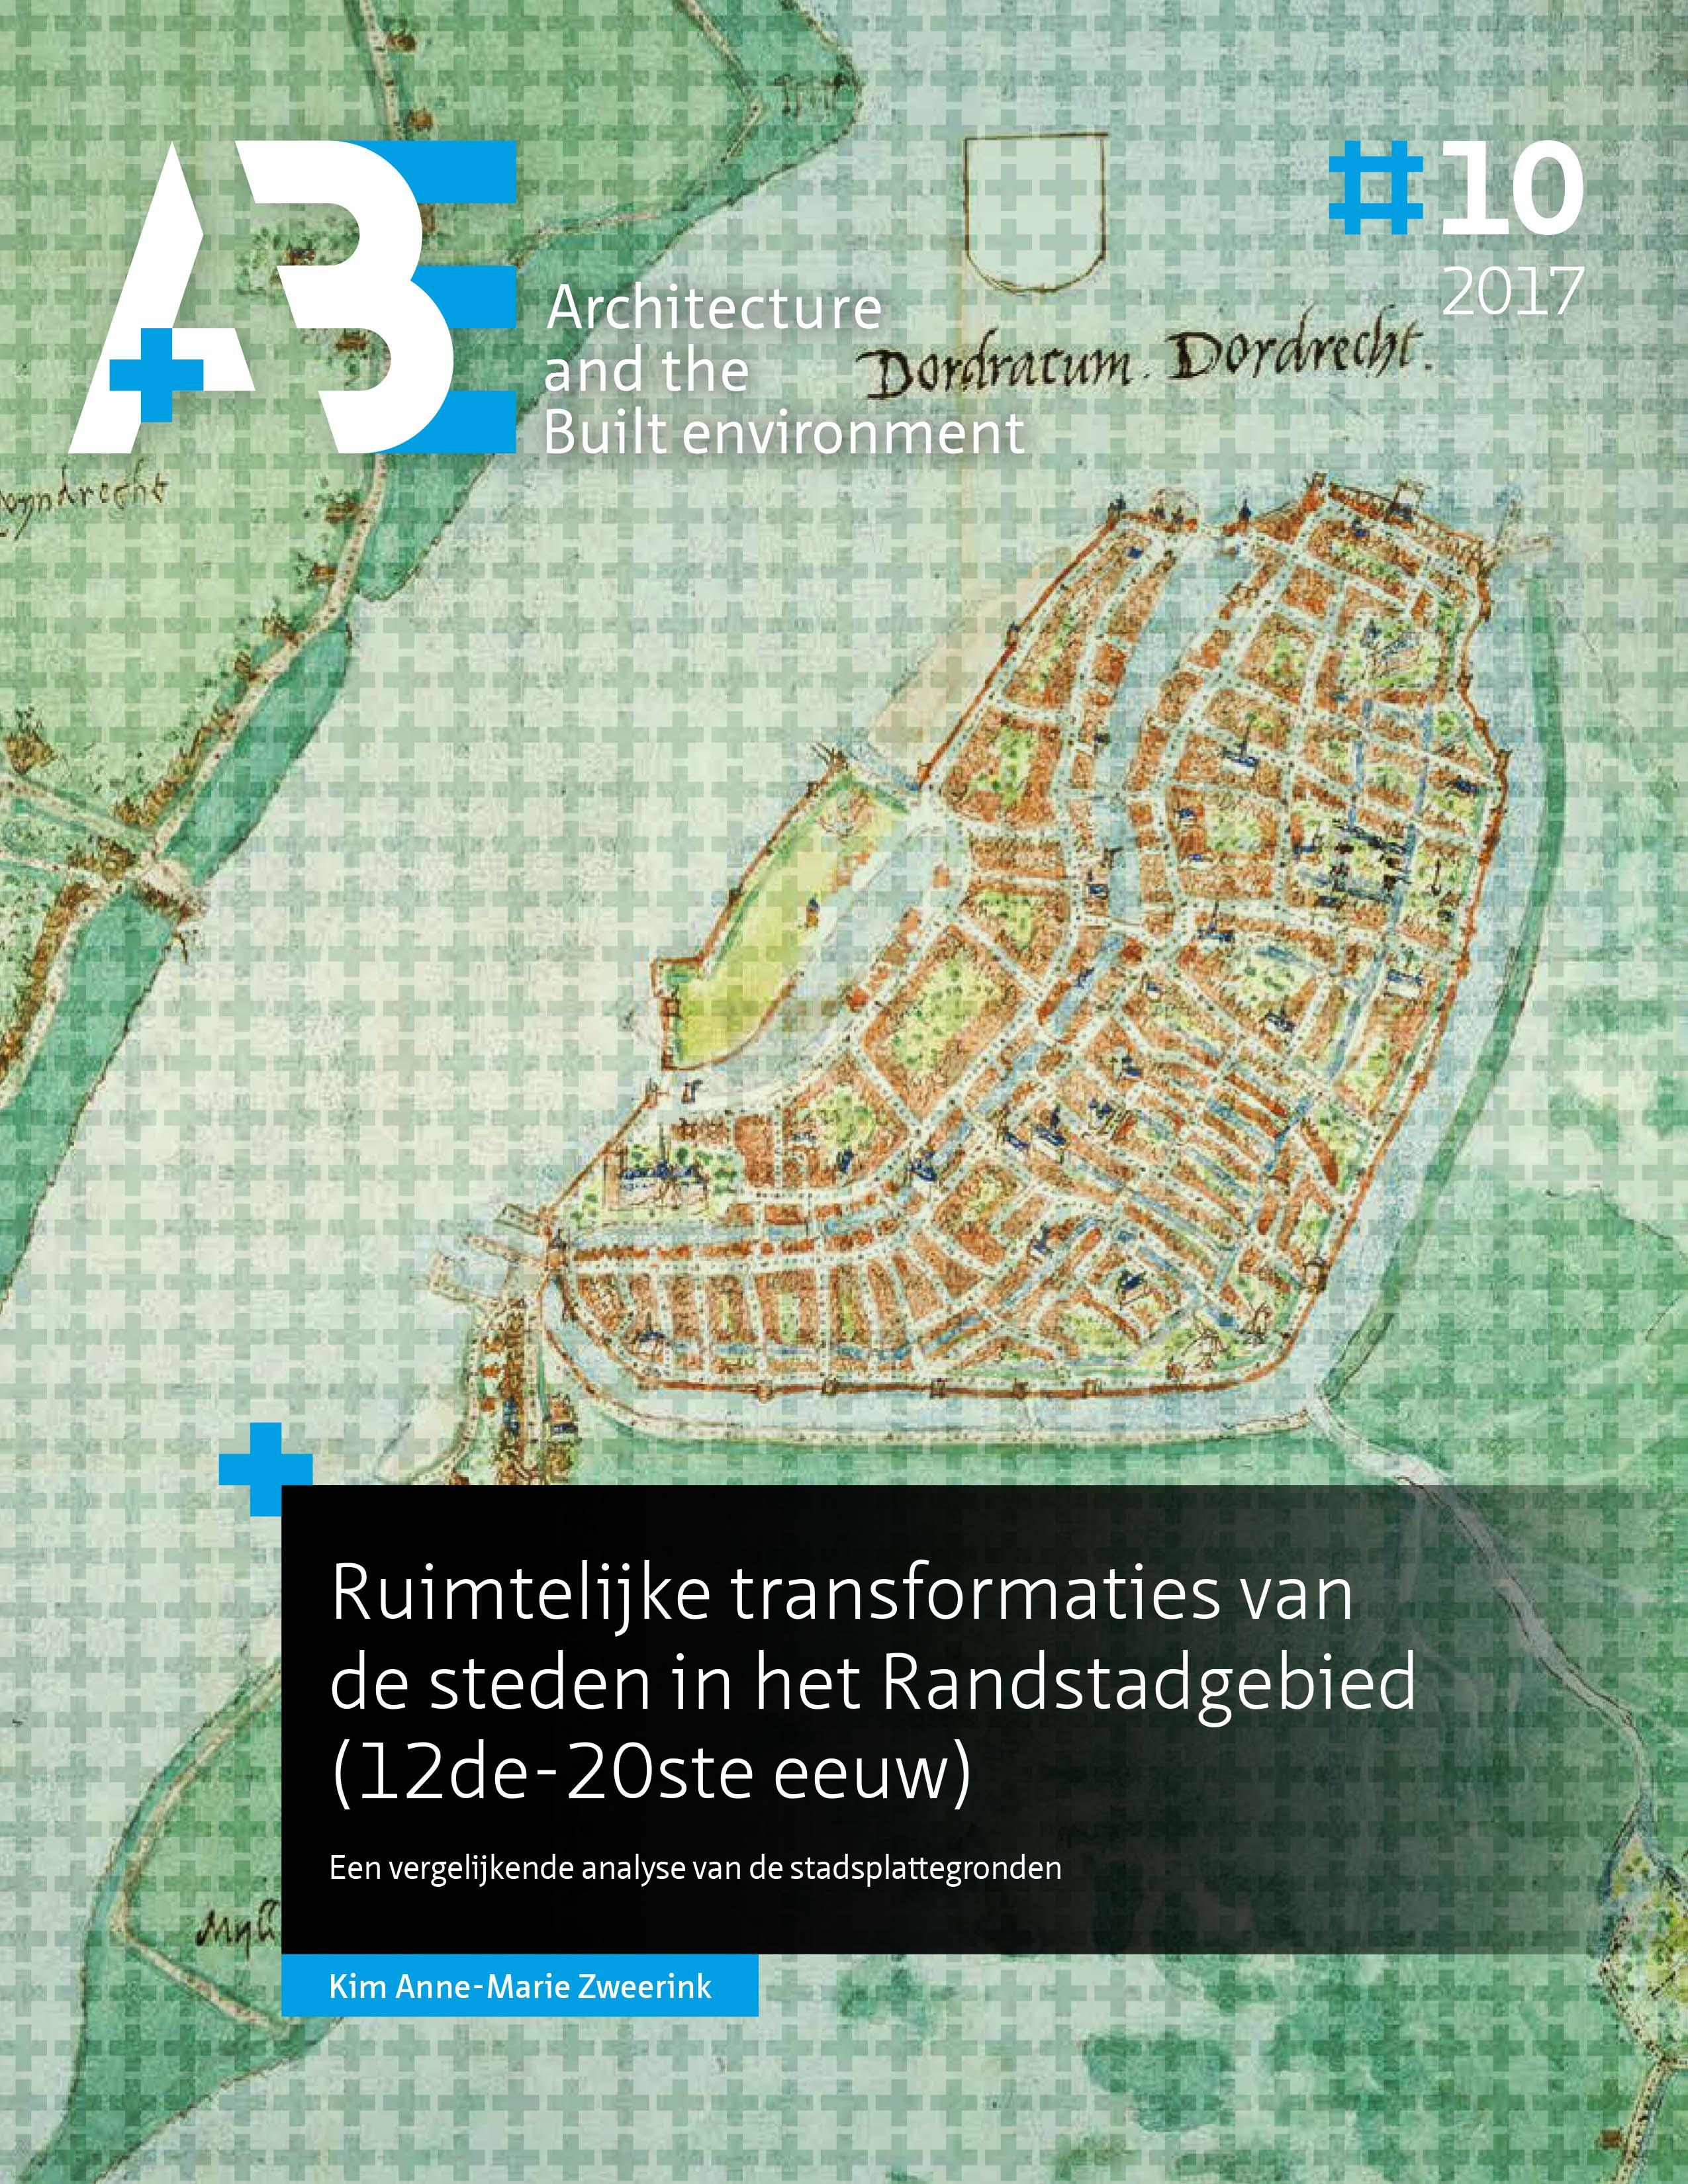 View No. 10 (2017): Ruimtelijke transformaties van de steden in het Randstadgebied (12de-20ste eeuw)